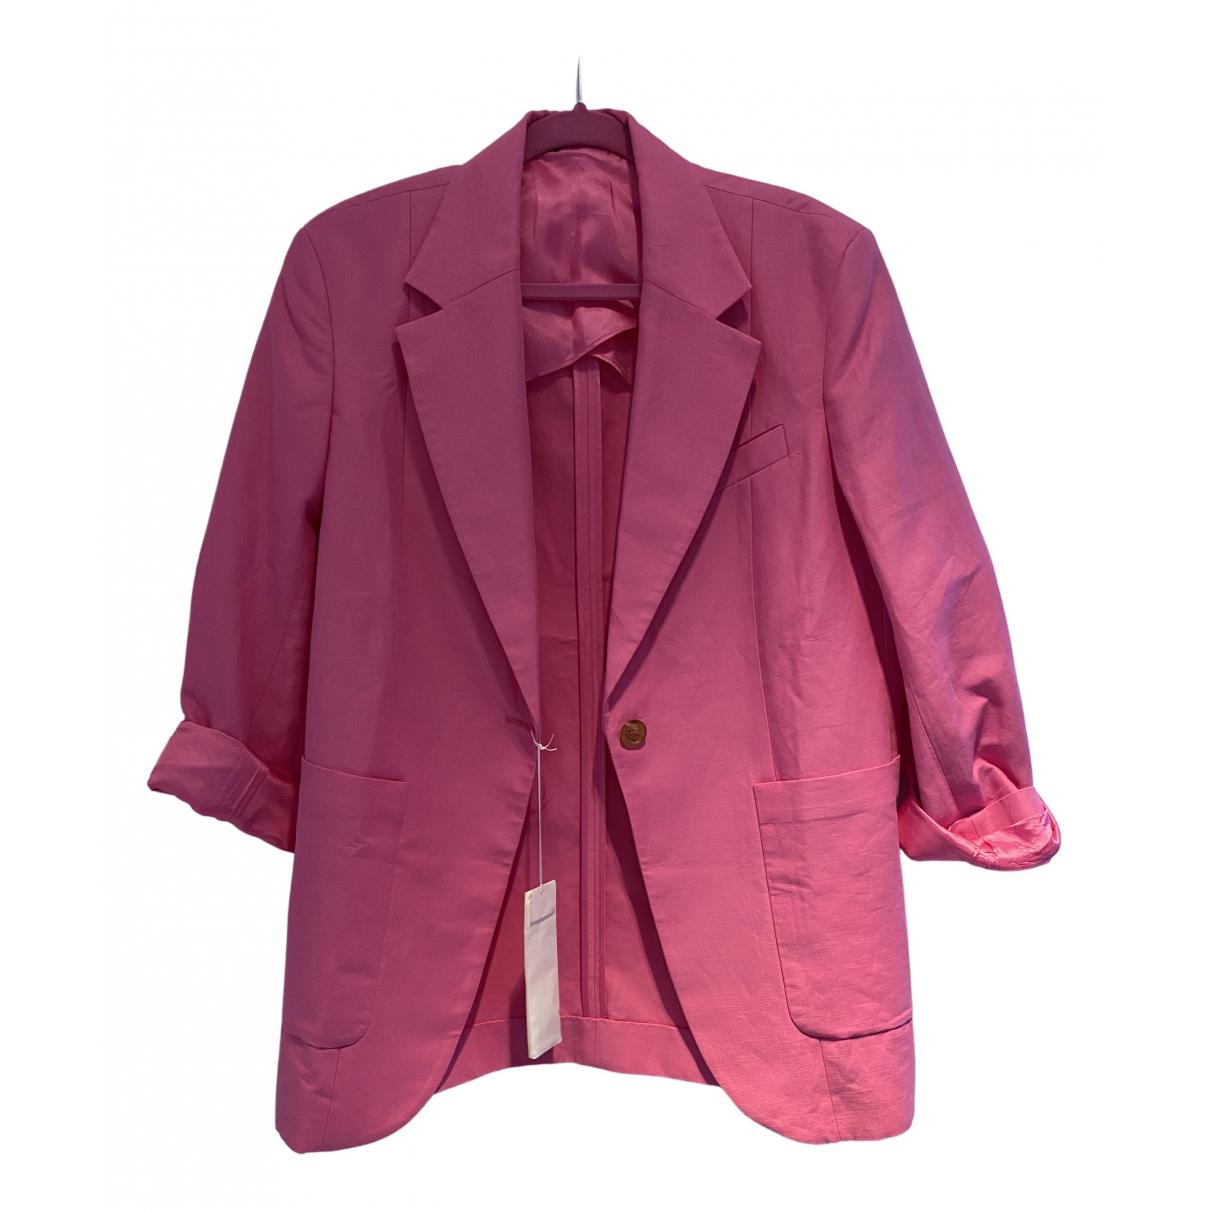 Arket - Veste   pour femme en lin - rose